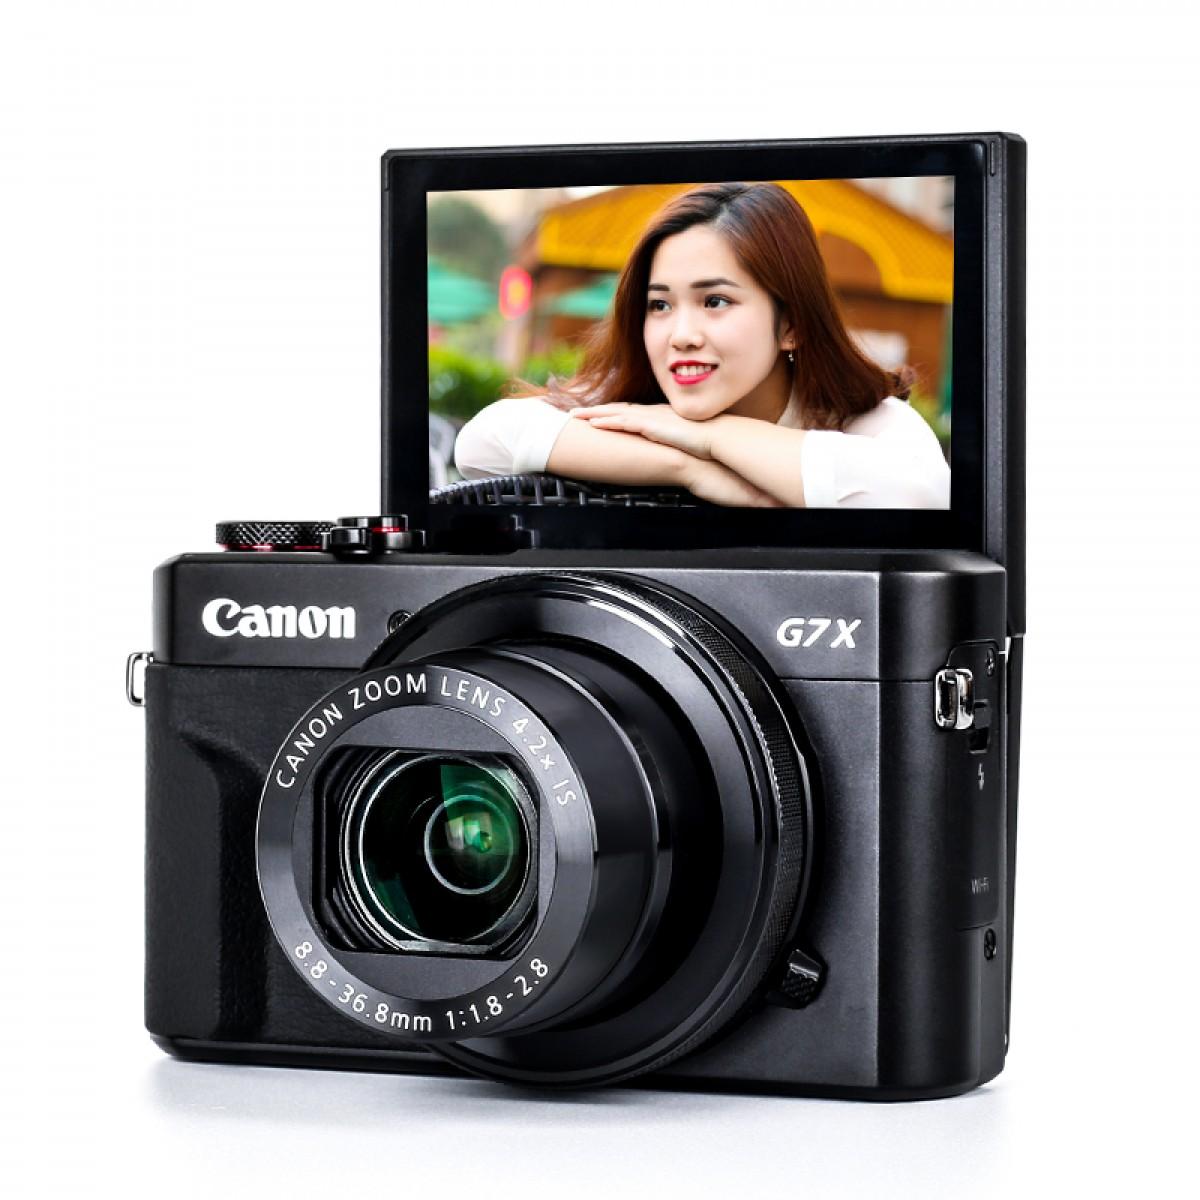 佳能PowerShot G7 X Mark II数码相机 美妆卡片机佳能g7x2 mark2